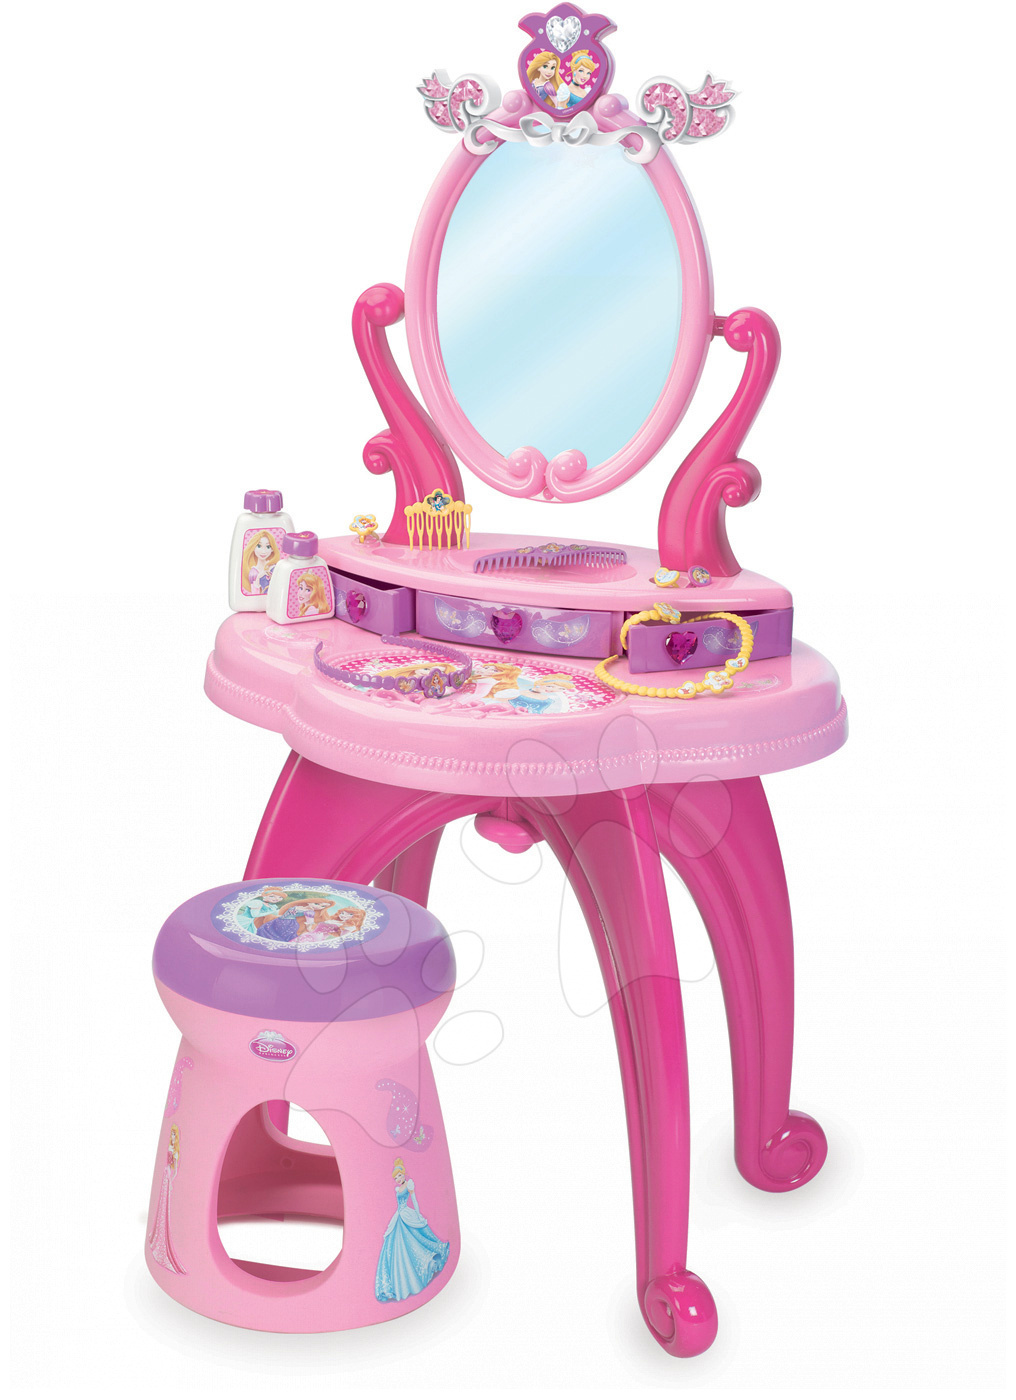 Kozmetický stolík pre deti - Kozmetický stolík Disney Princezné 2v1 Smoby so stoličkou a 10 doplnkami